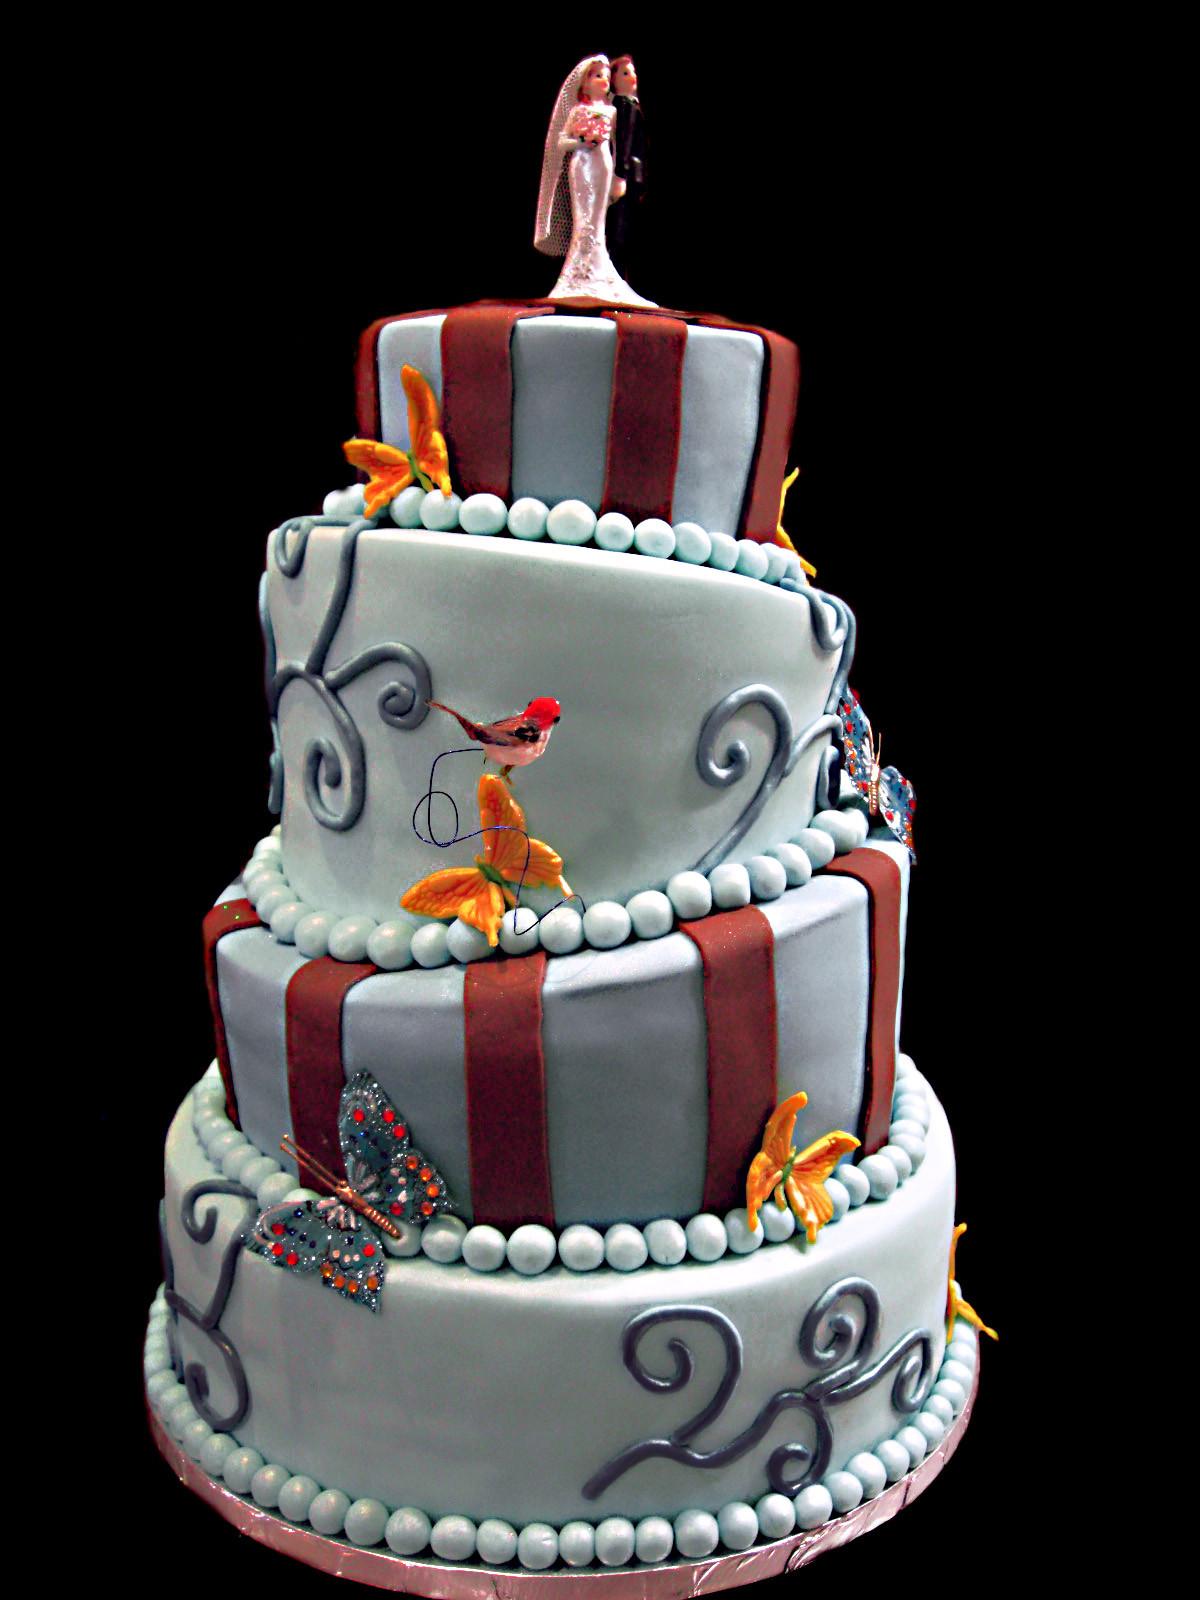 Topsy Turvy Hochzeitstorte  Topsy Turvy Wedding Cake